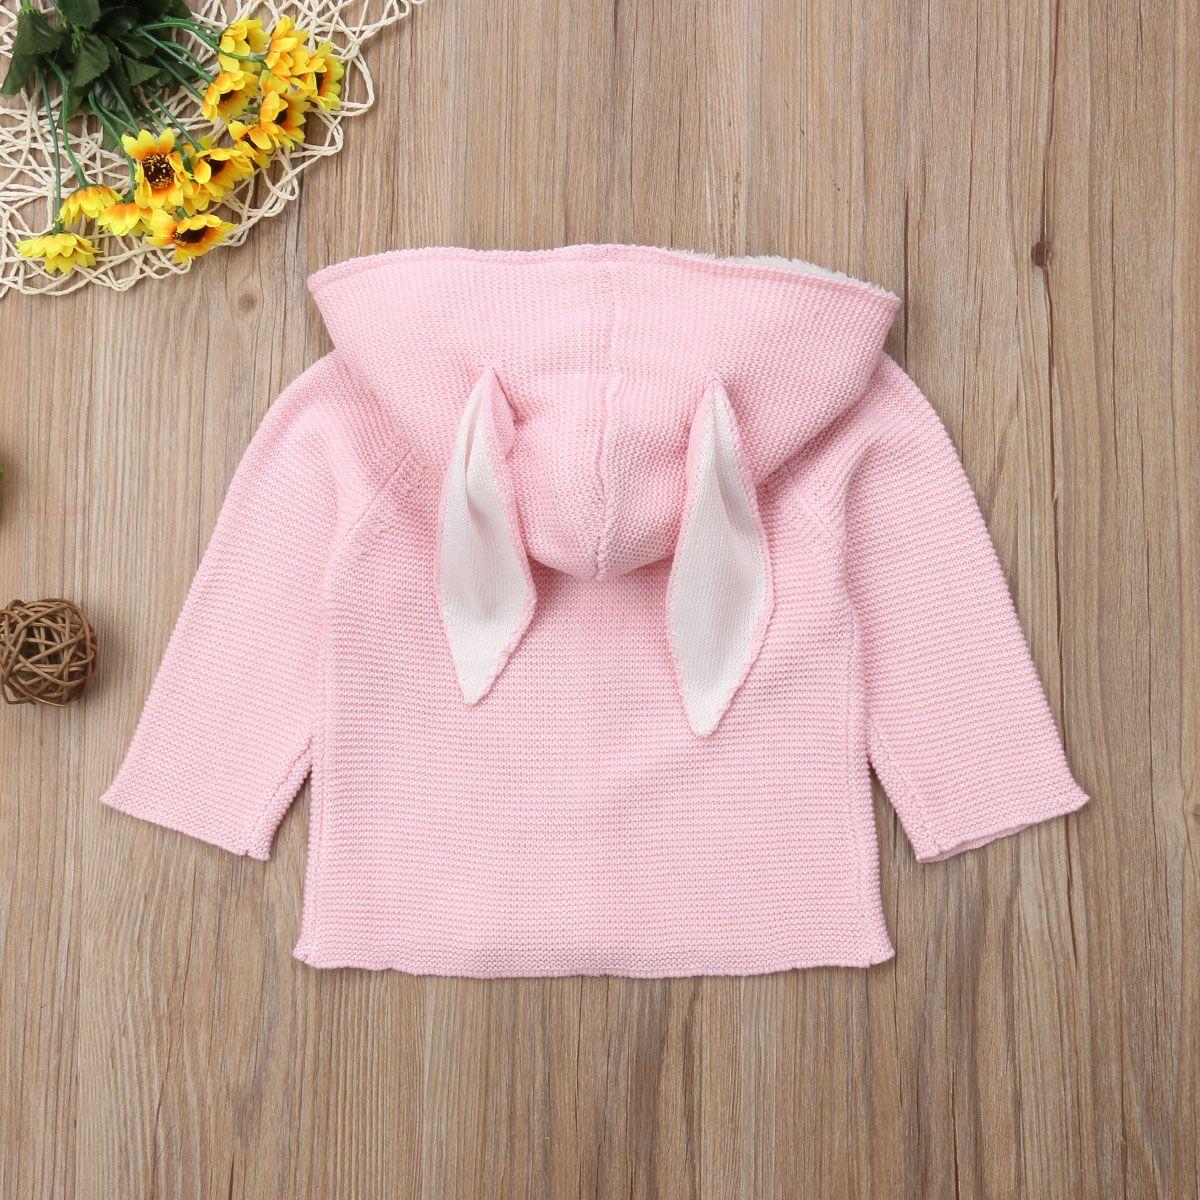 Carino Neonato Bambino Bambini neonate Boy maniche lunghe maglia maglione 3D dell'orecchio di coniglio con cappuccio Cardigan Coat Outerwear